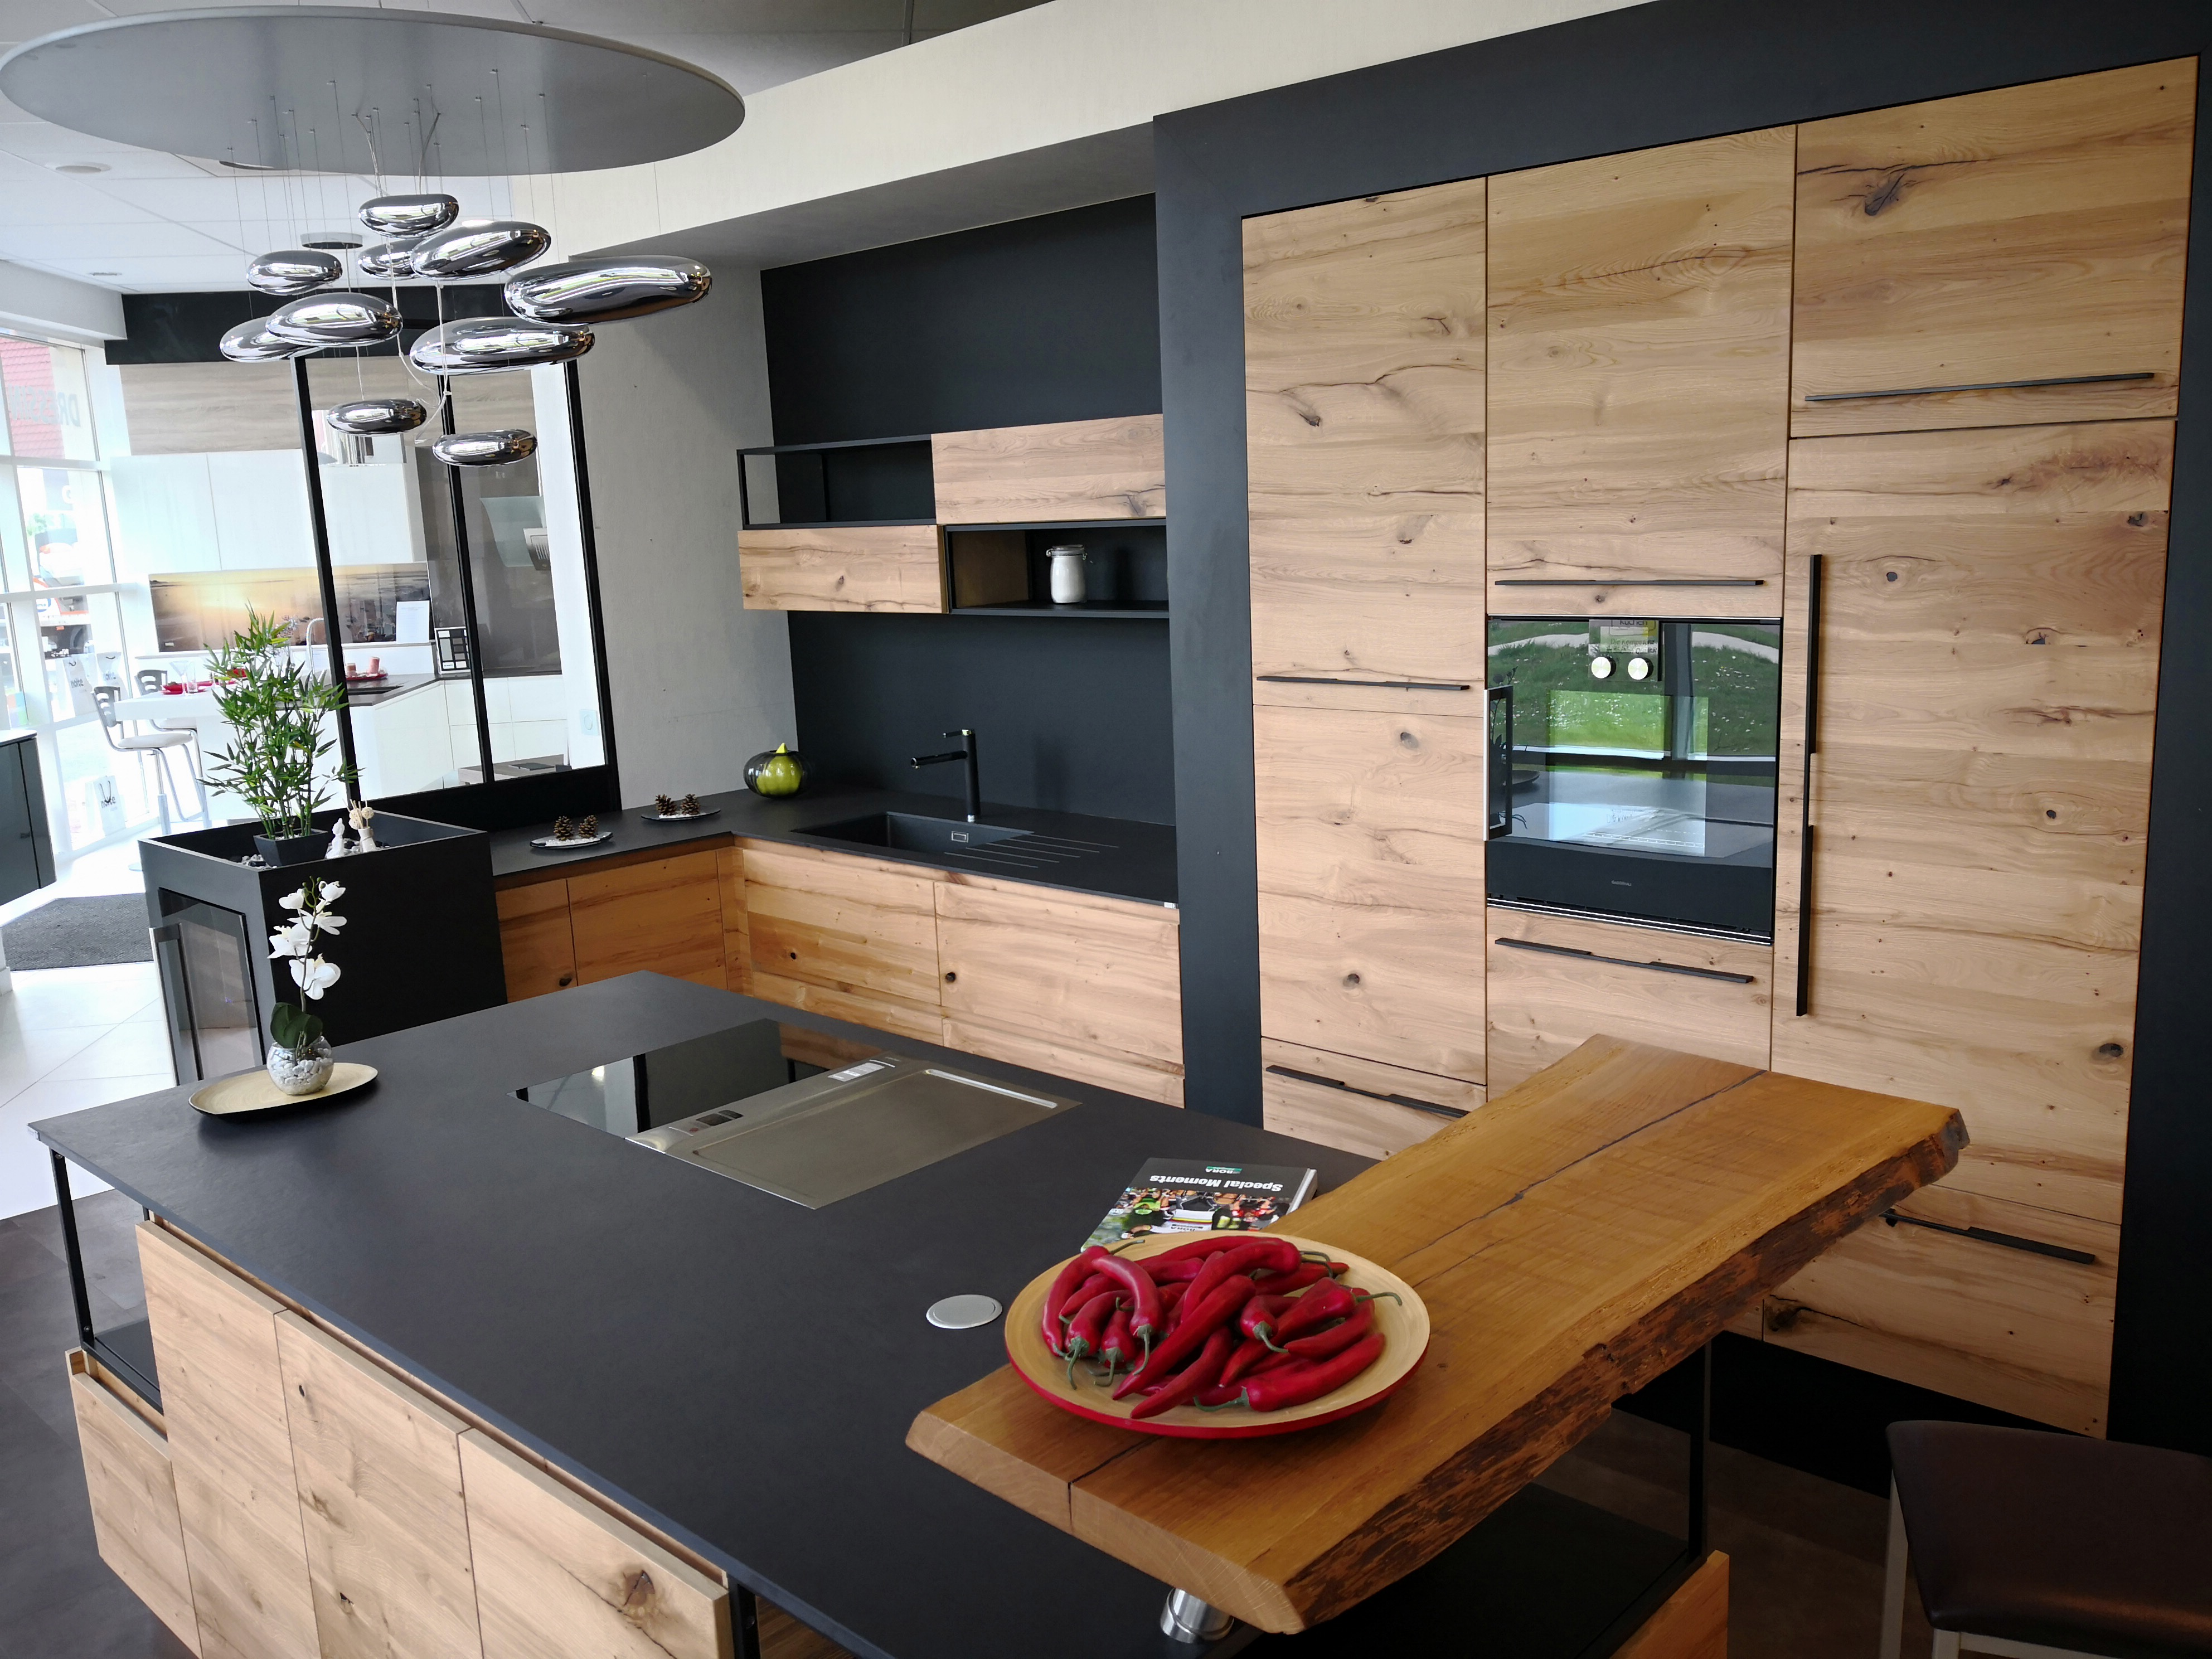 nouveautés cuisine style loft 19 - Vitrine 19K cuisines